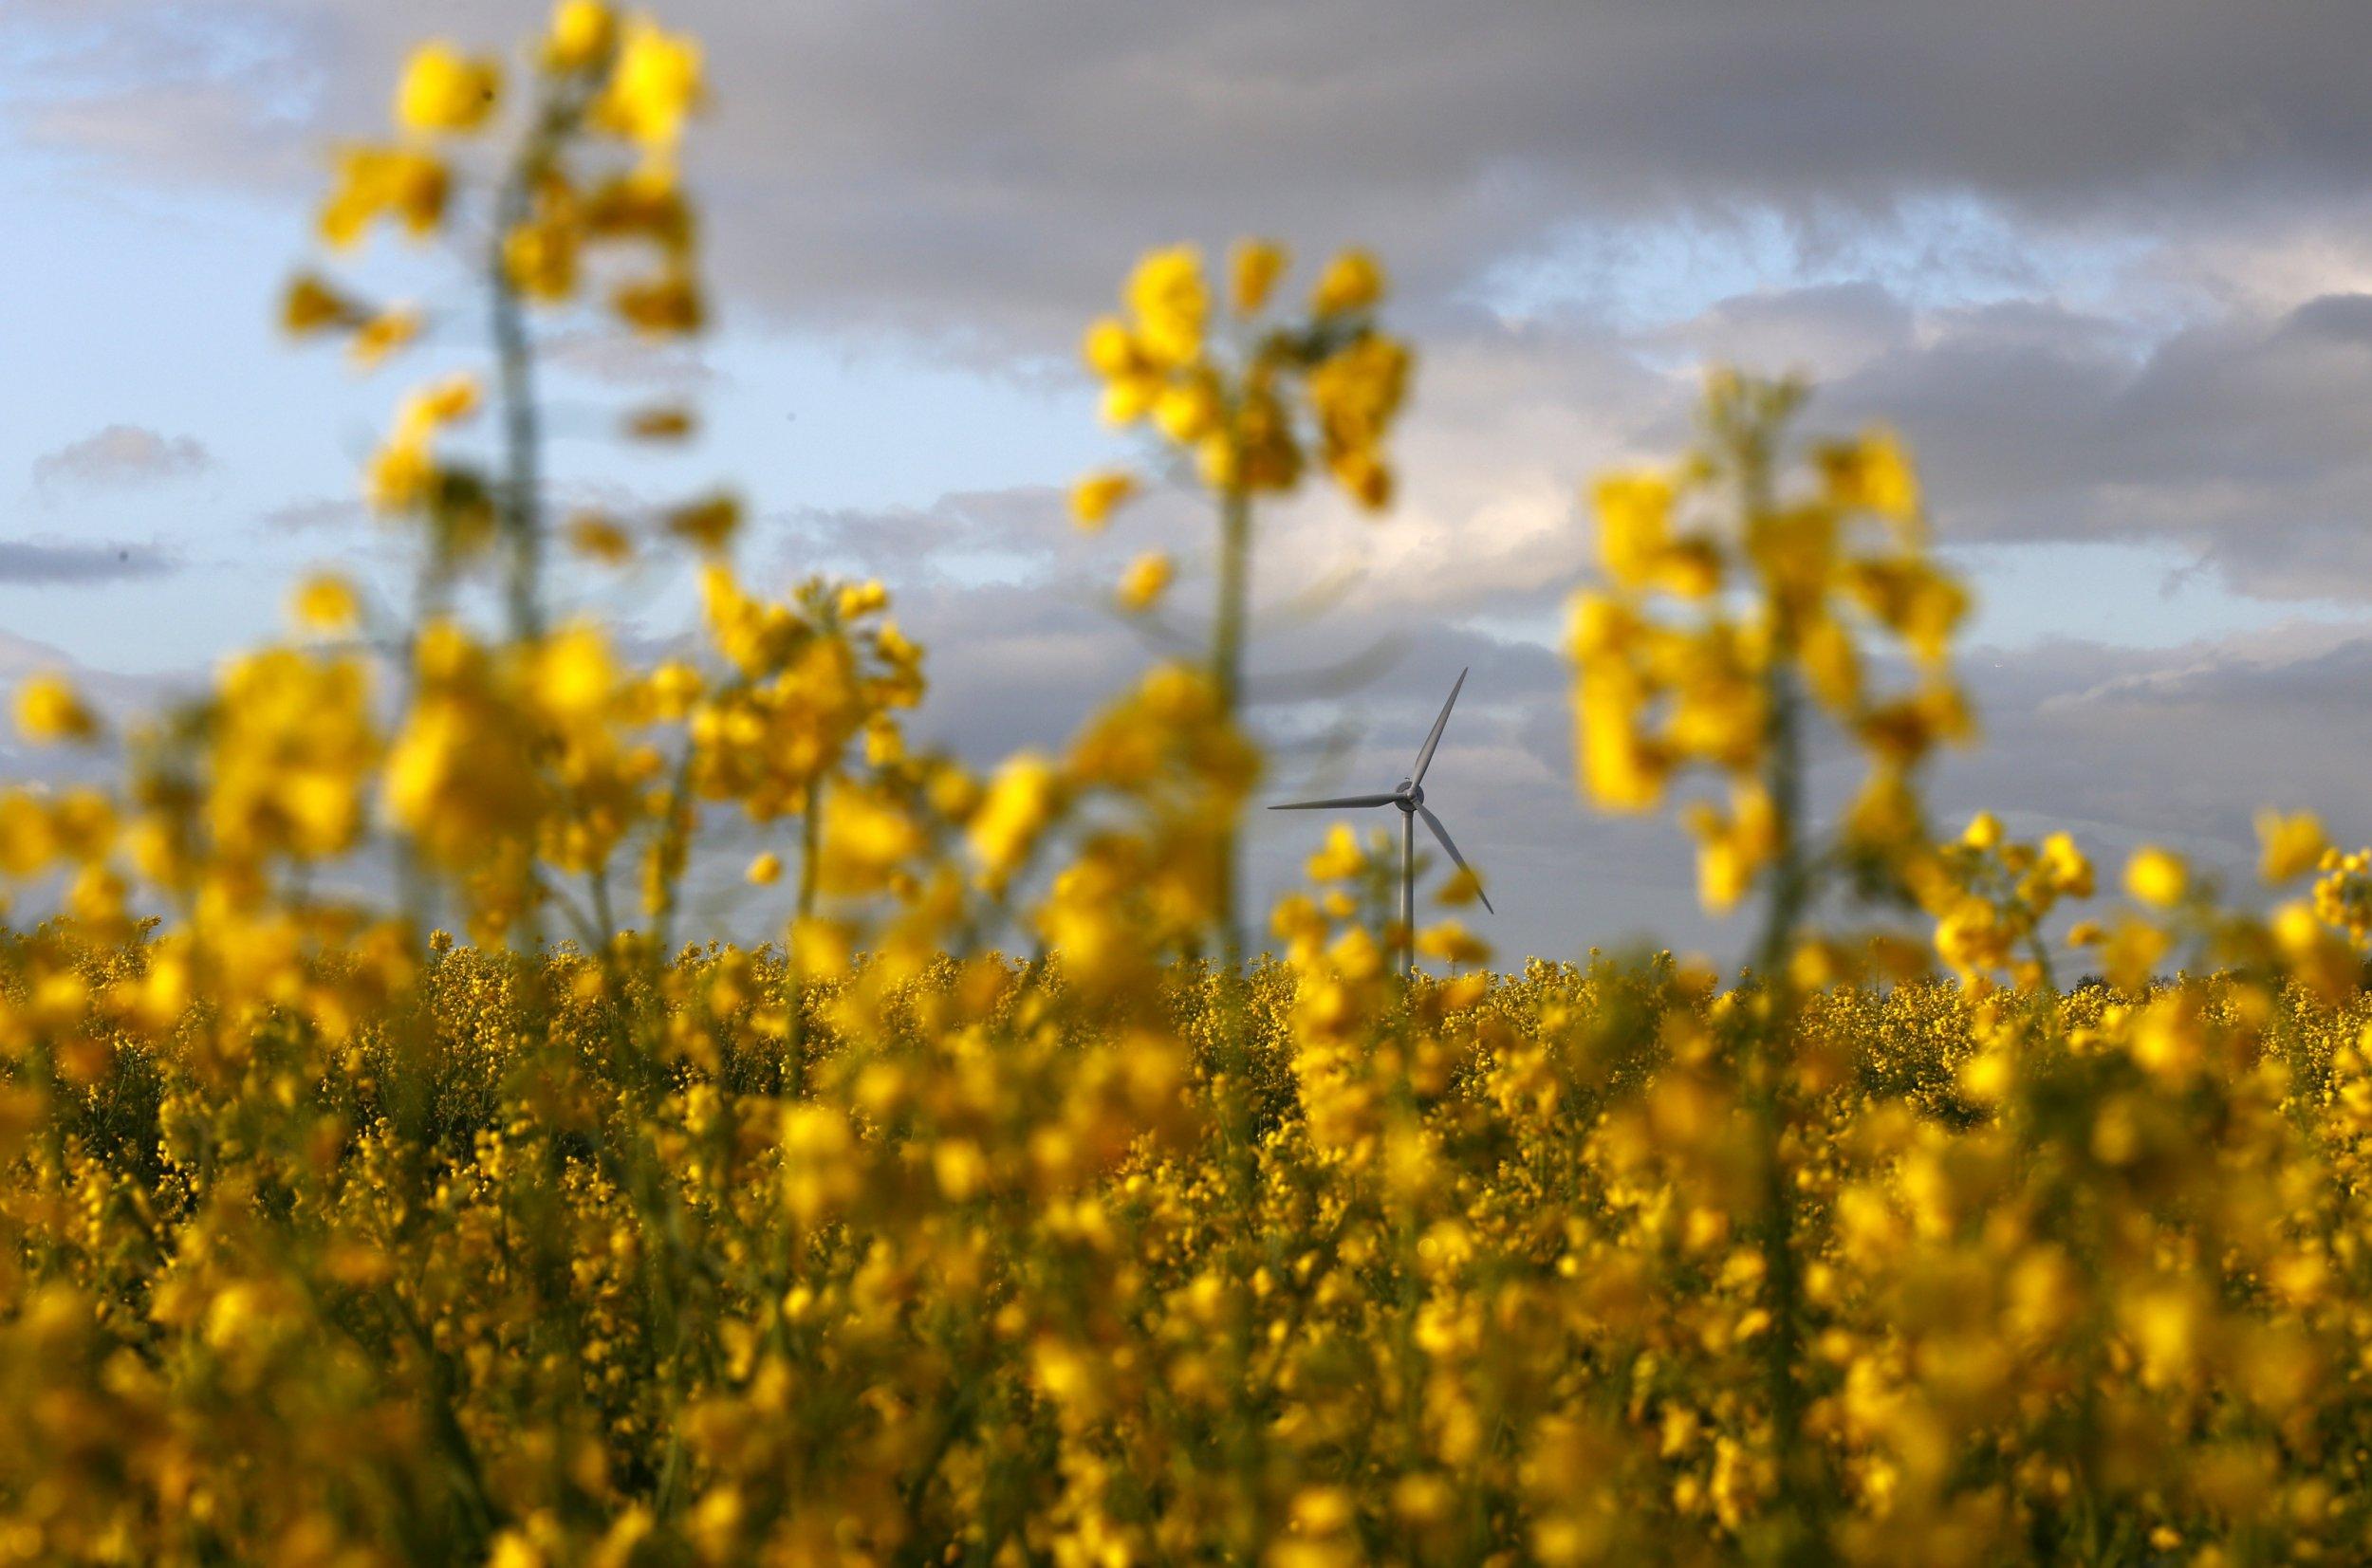 wind-turbine-oilseed-field